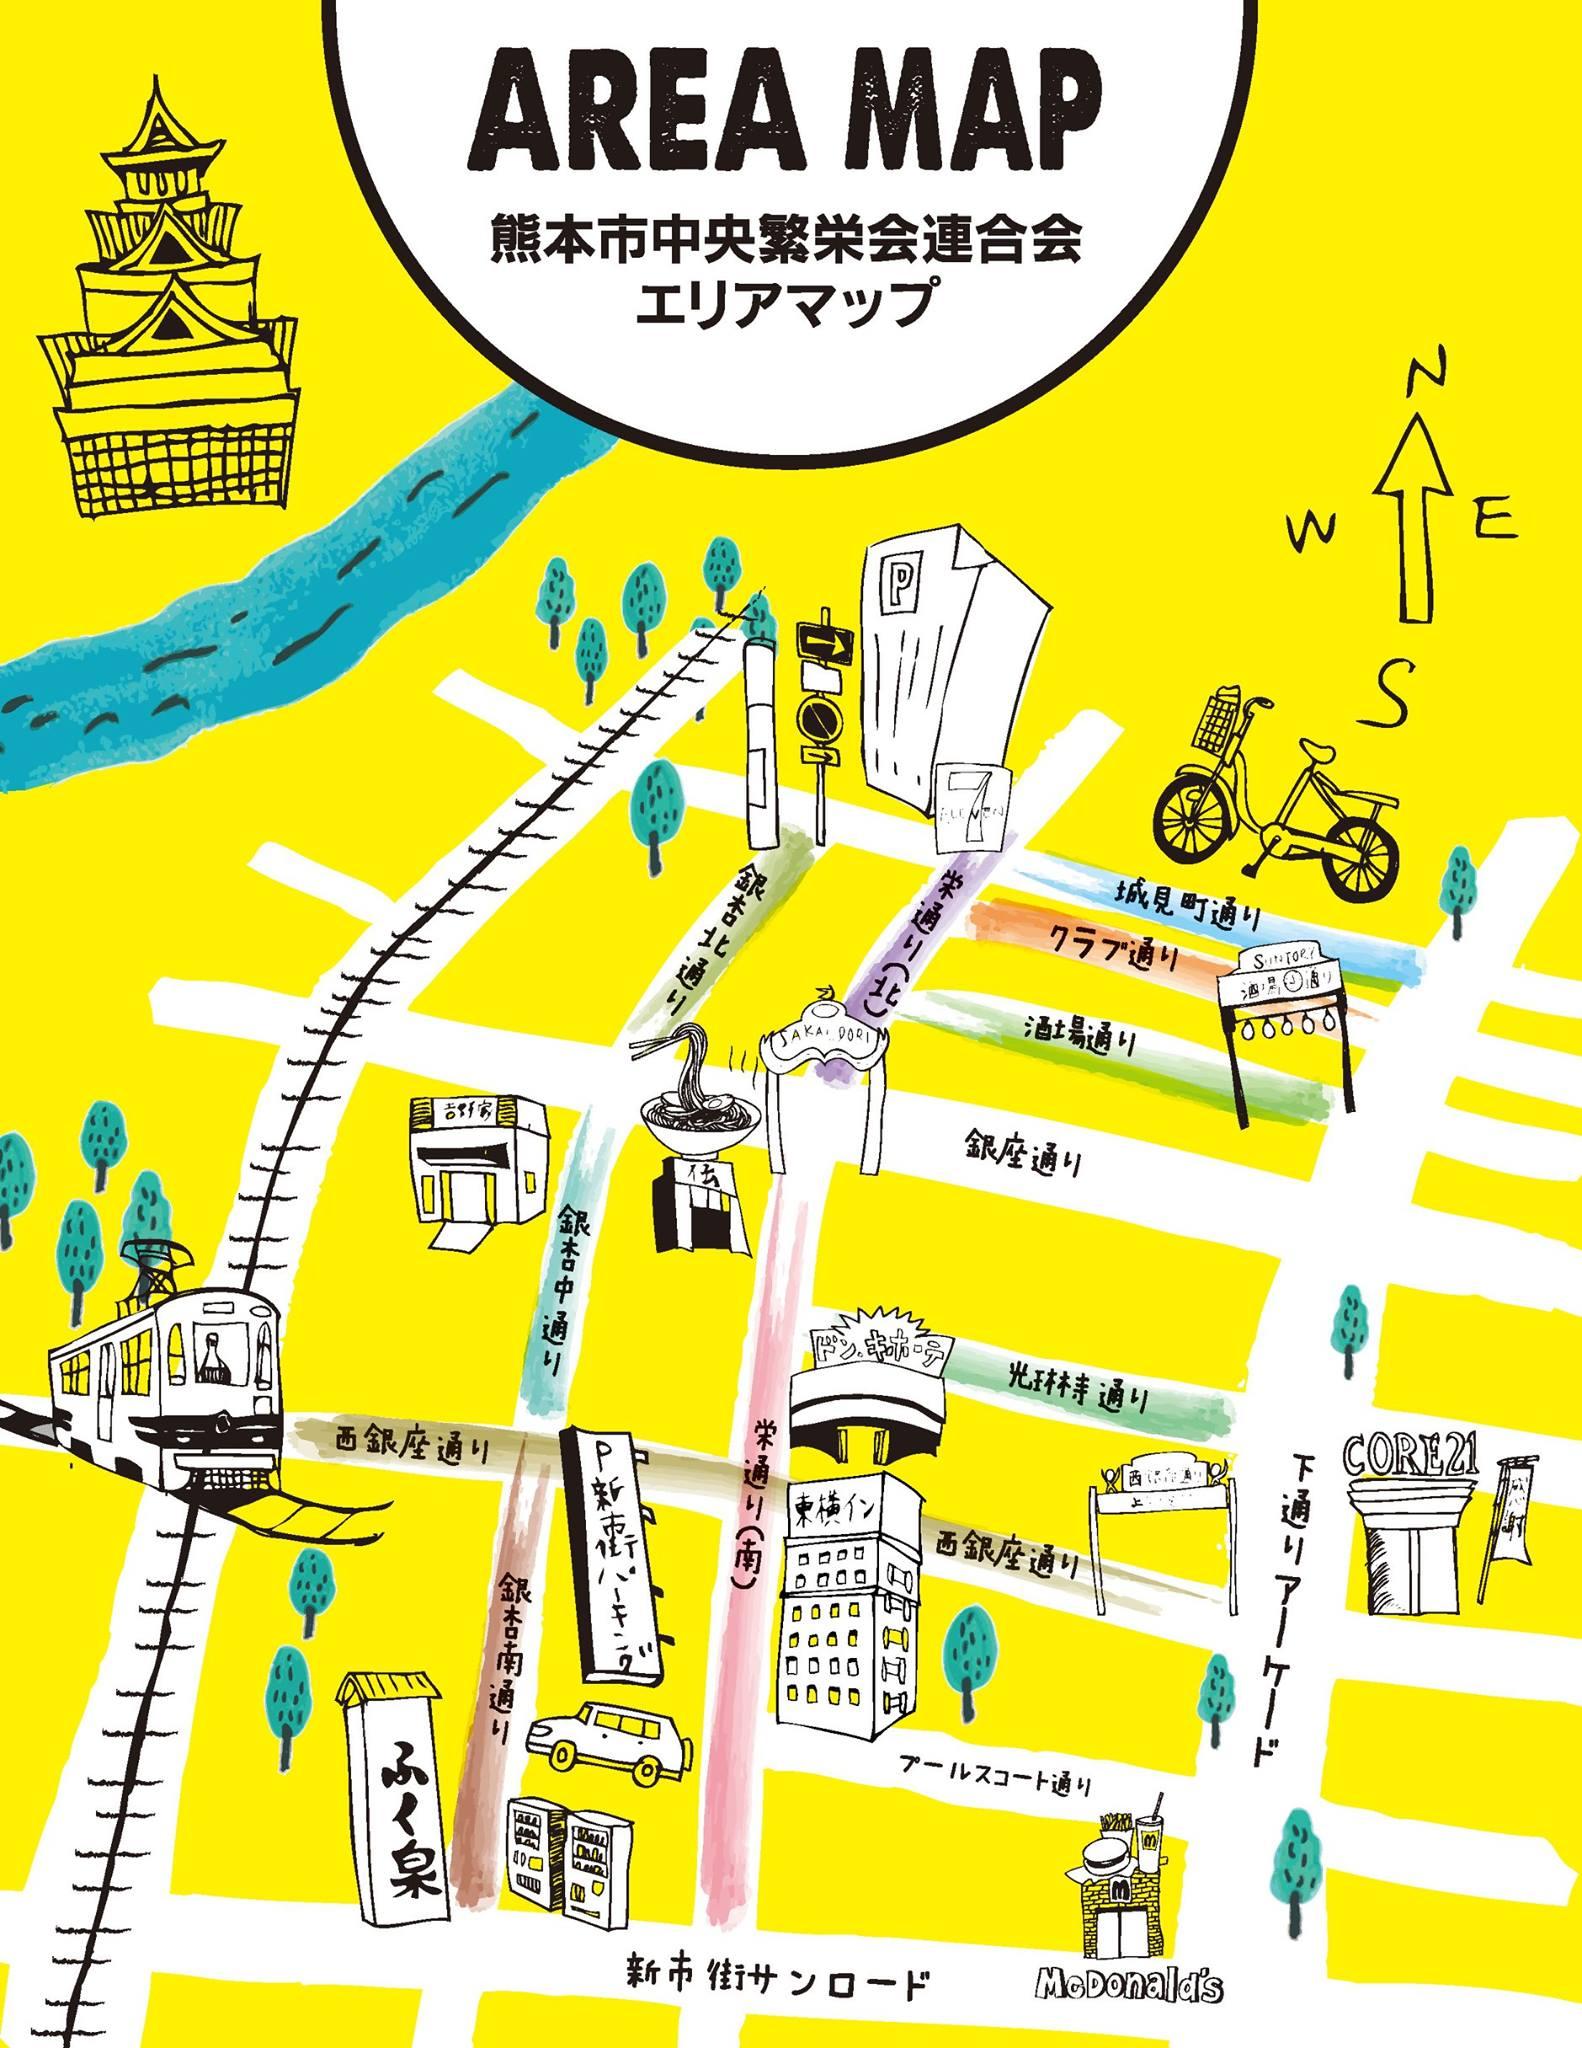 熊本 城下町 エリアマップ